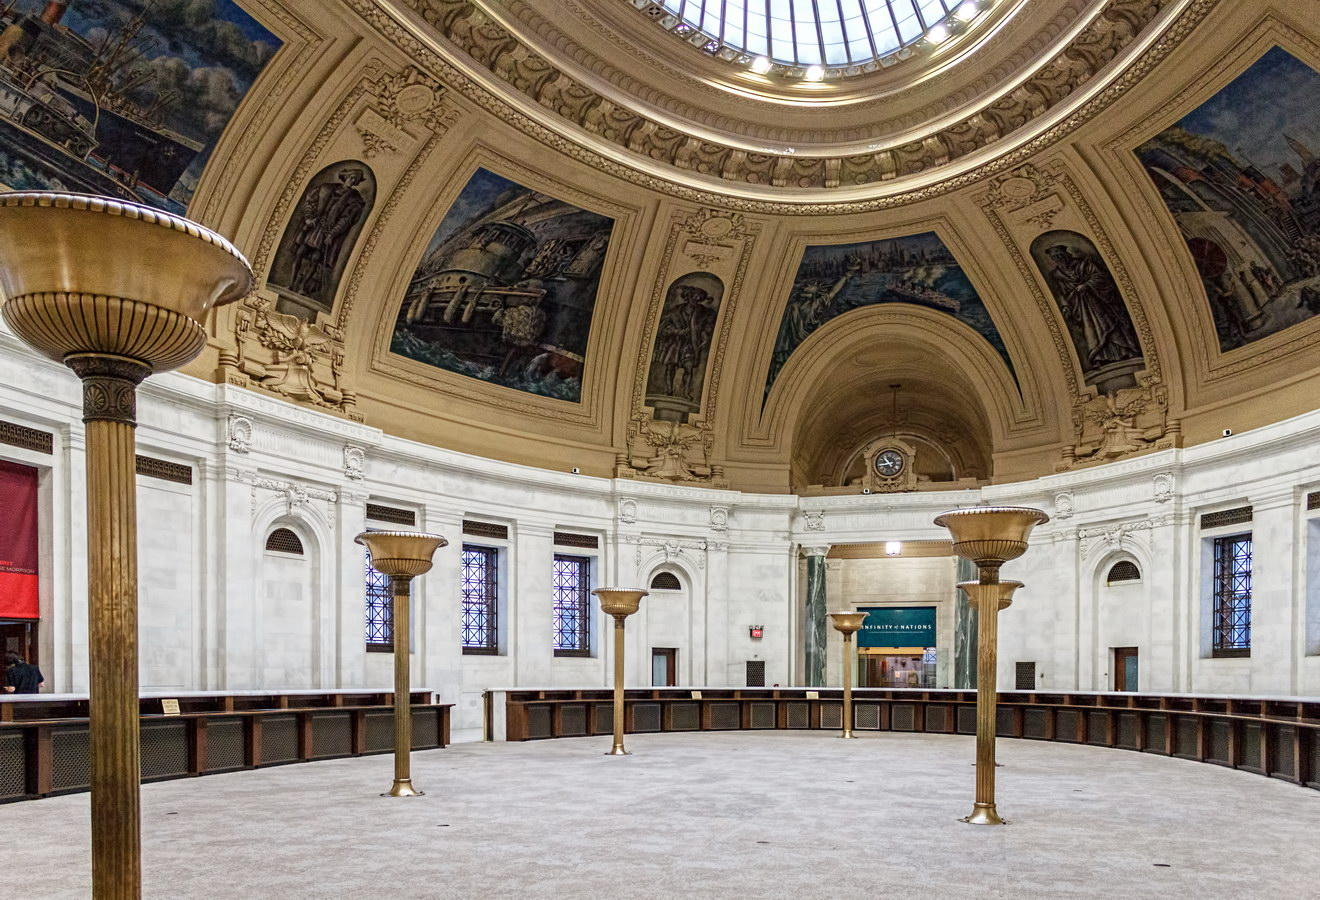 Alexander Hamilton US Custom House